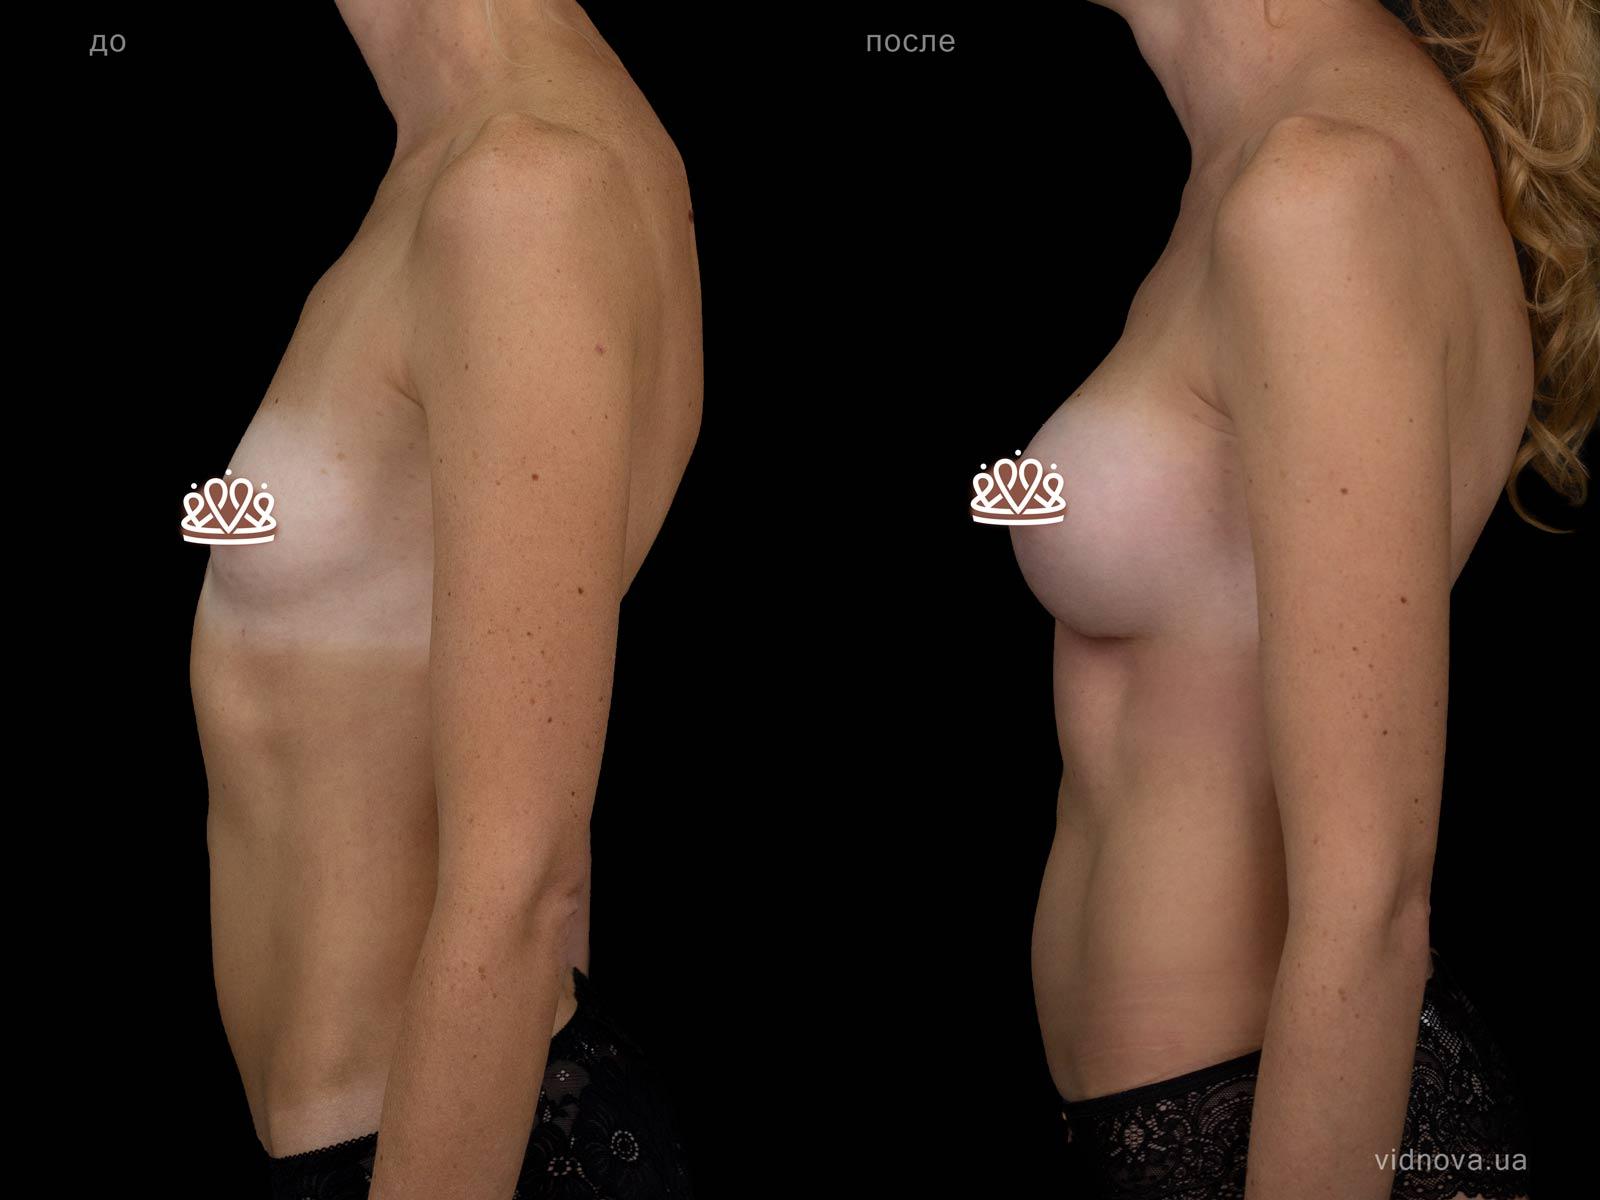 Пластика груди: результаты до и после - Пример №108-2 - Светлана Работенко